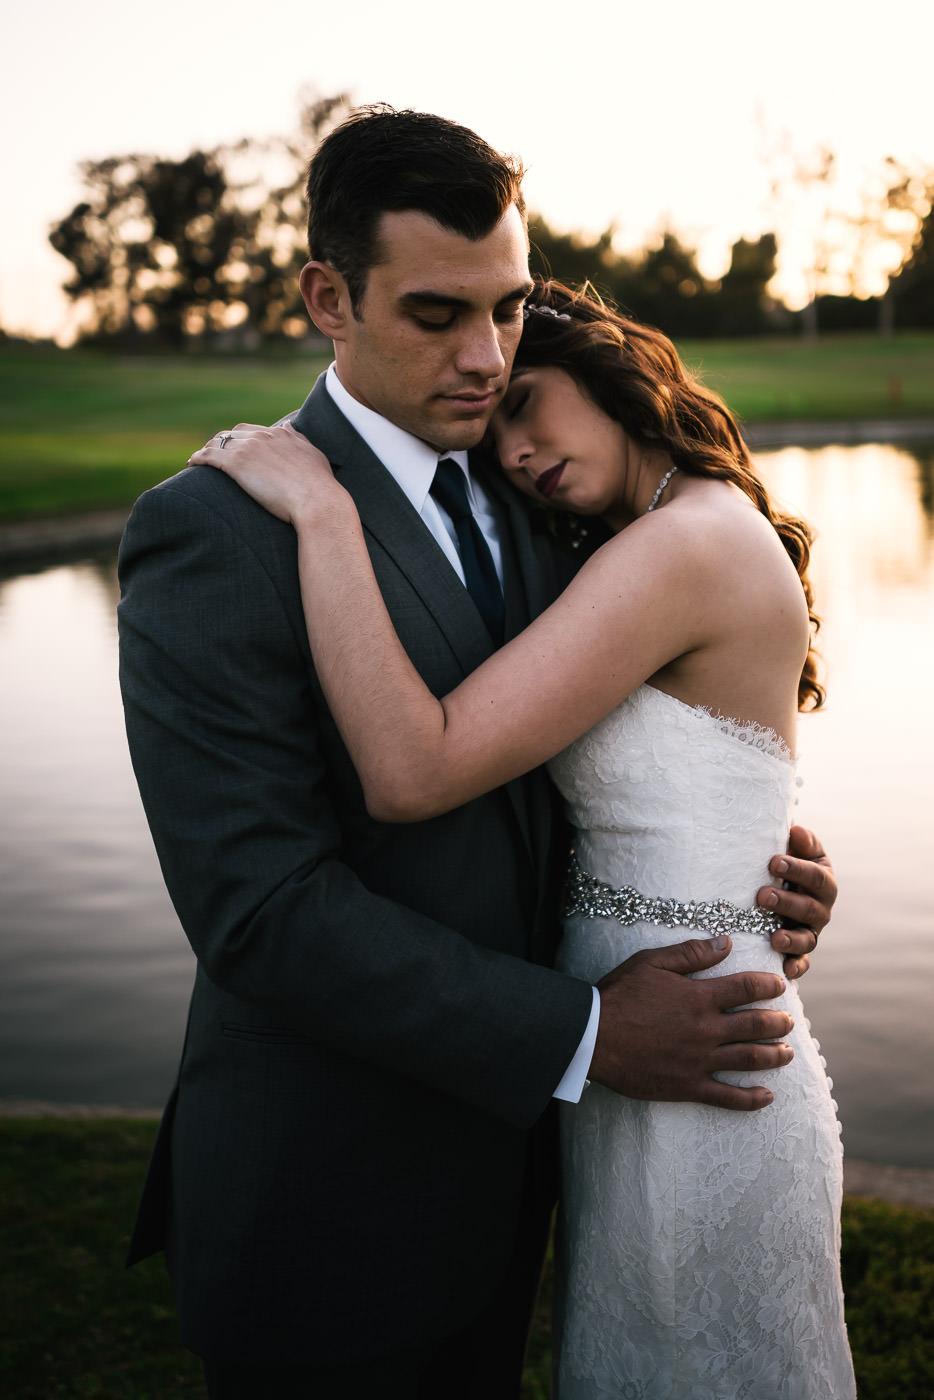 Alta Vista Country Club wedding photographer.